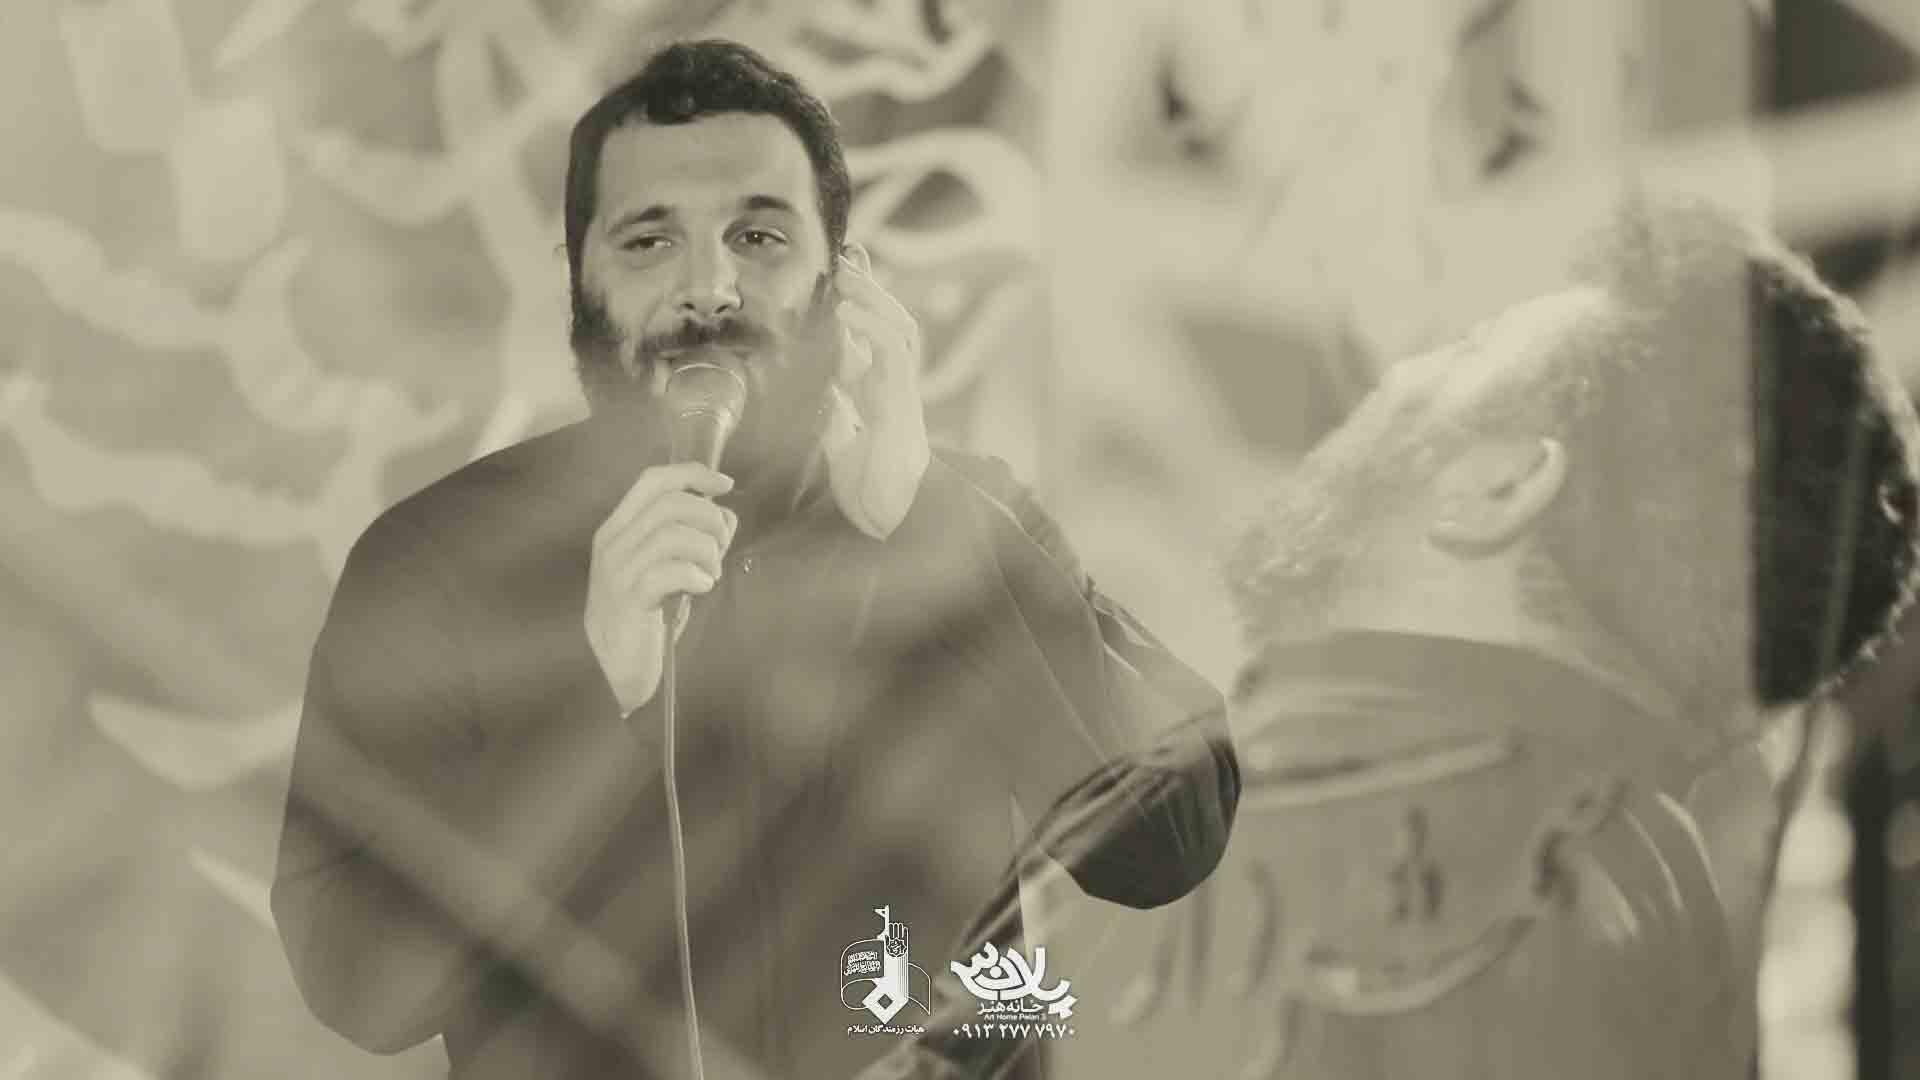 میزدن زینب را محمدحسین حدادیان